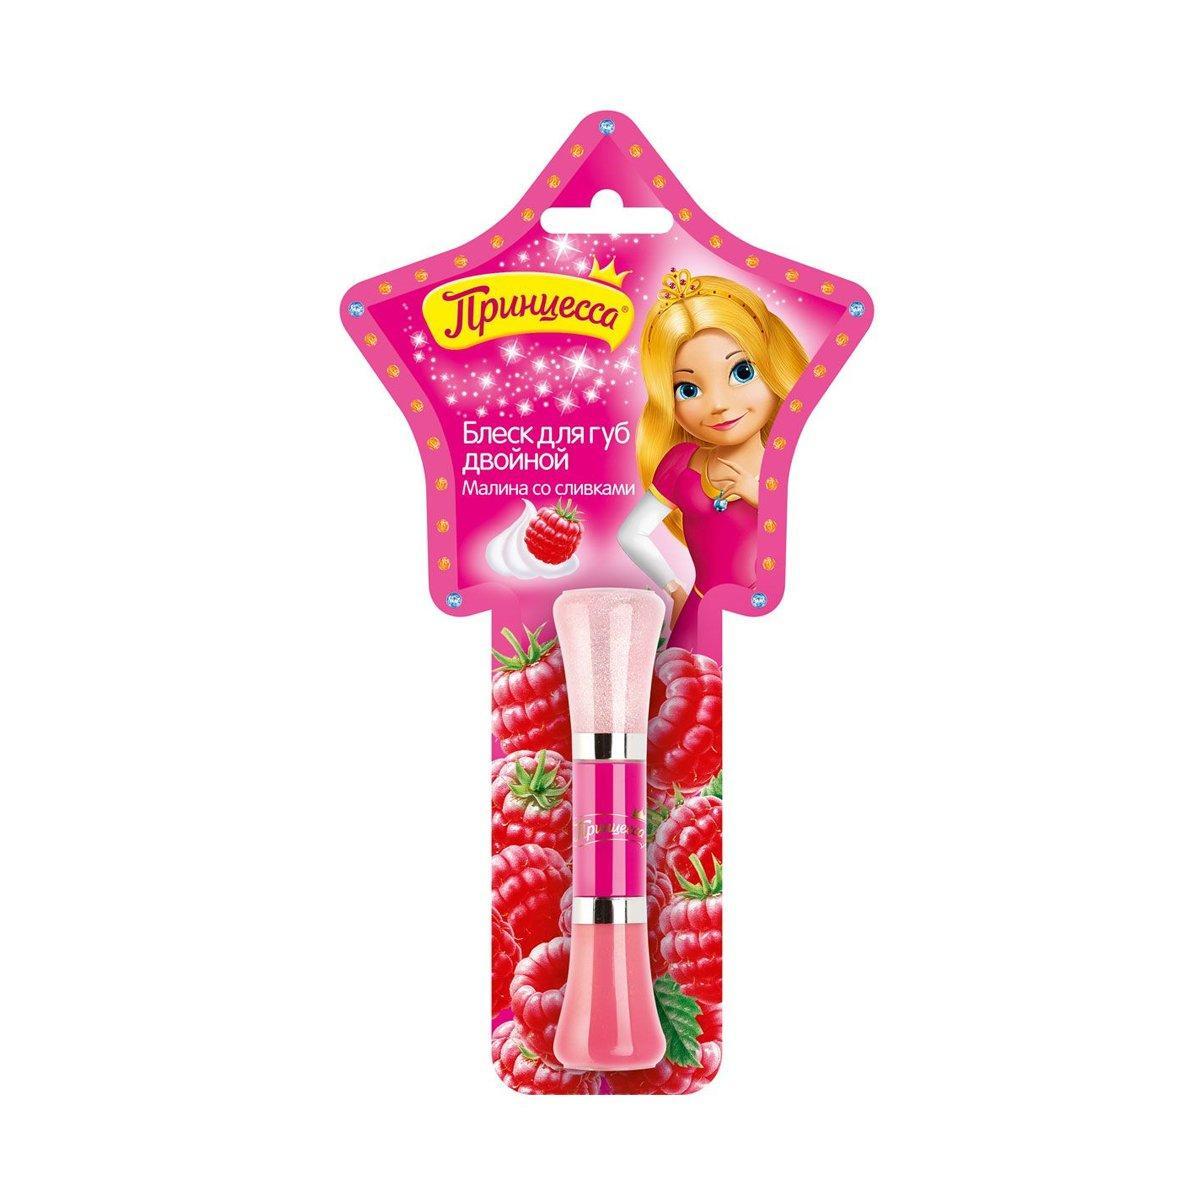 Двойной блеск для губ Принцесса Малина со сливками, 10 мл 12970 ТМ: Принцесса